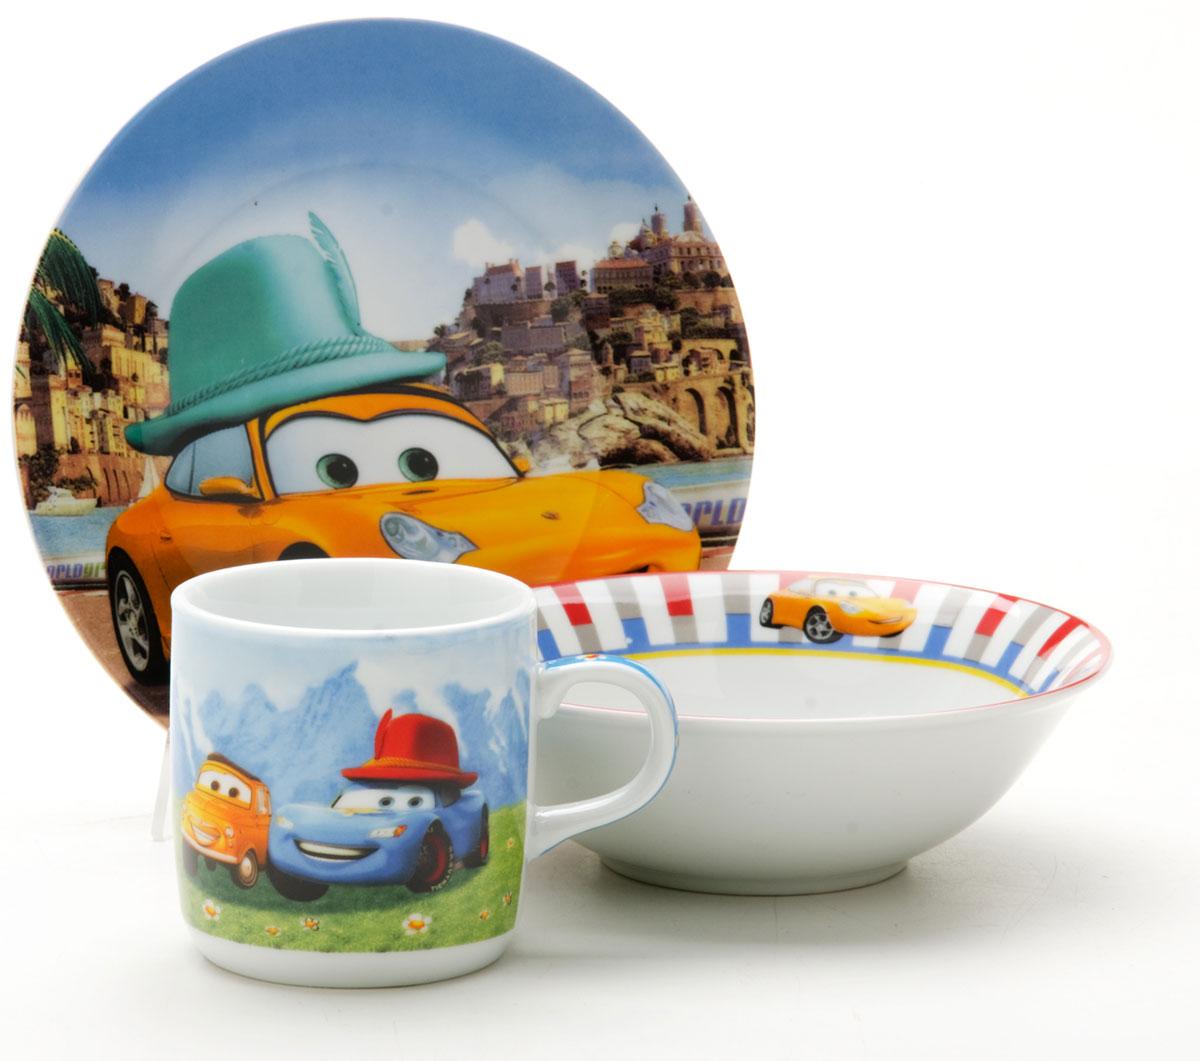 Набор посуды Loraine Тачки, 3 предмета25603Набор посуды Фея сочетает в себе изысканный дизайн с максимальной функциональностью. В набор входят суповая тарелка, обеденная тарелка и кружка. Предметы набора выполнены из высококачественной керамики, декорированы красочным рисунком. Благодаря такому набору обед вашего ребенка будет еще вкуснее. Набор упакован в красочную, подарочную упаковку.